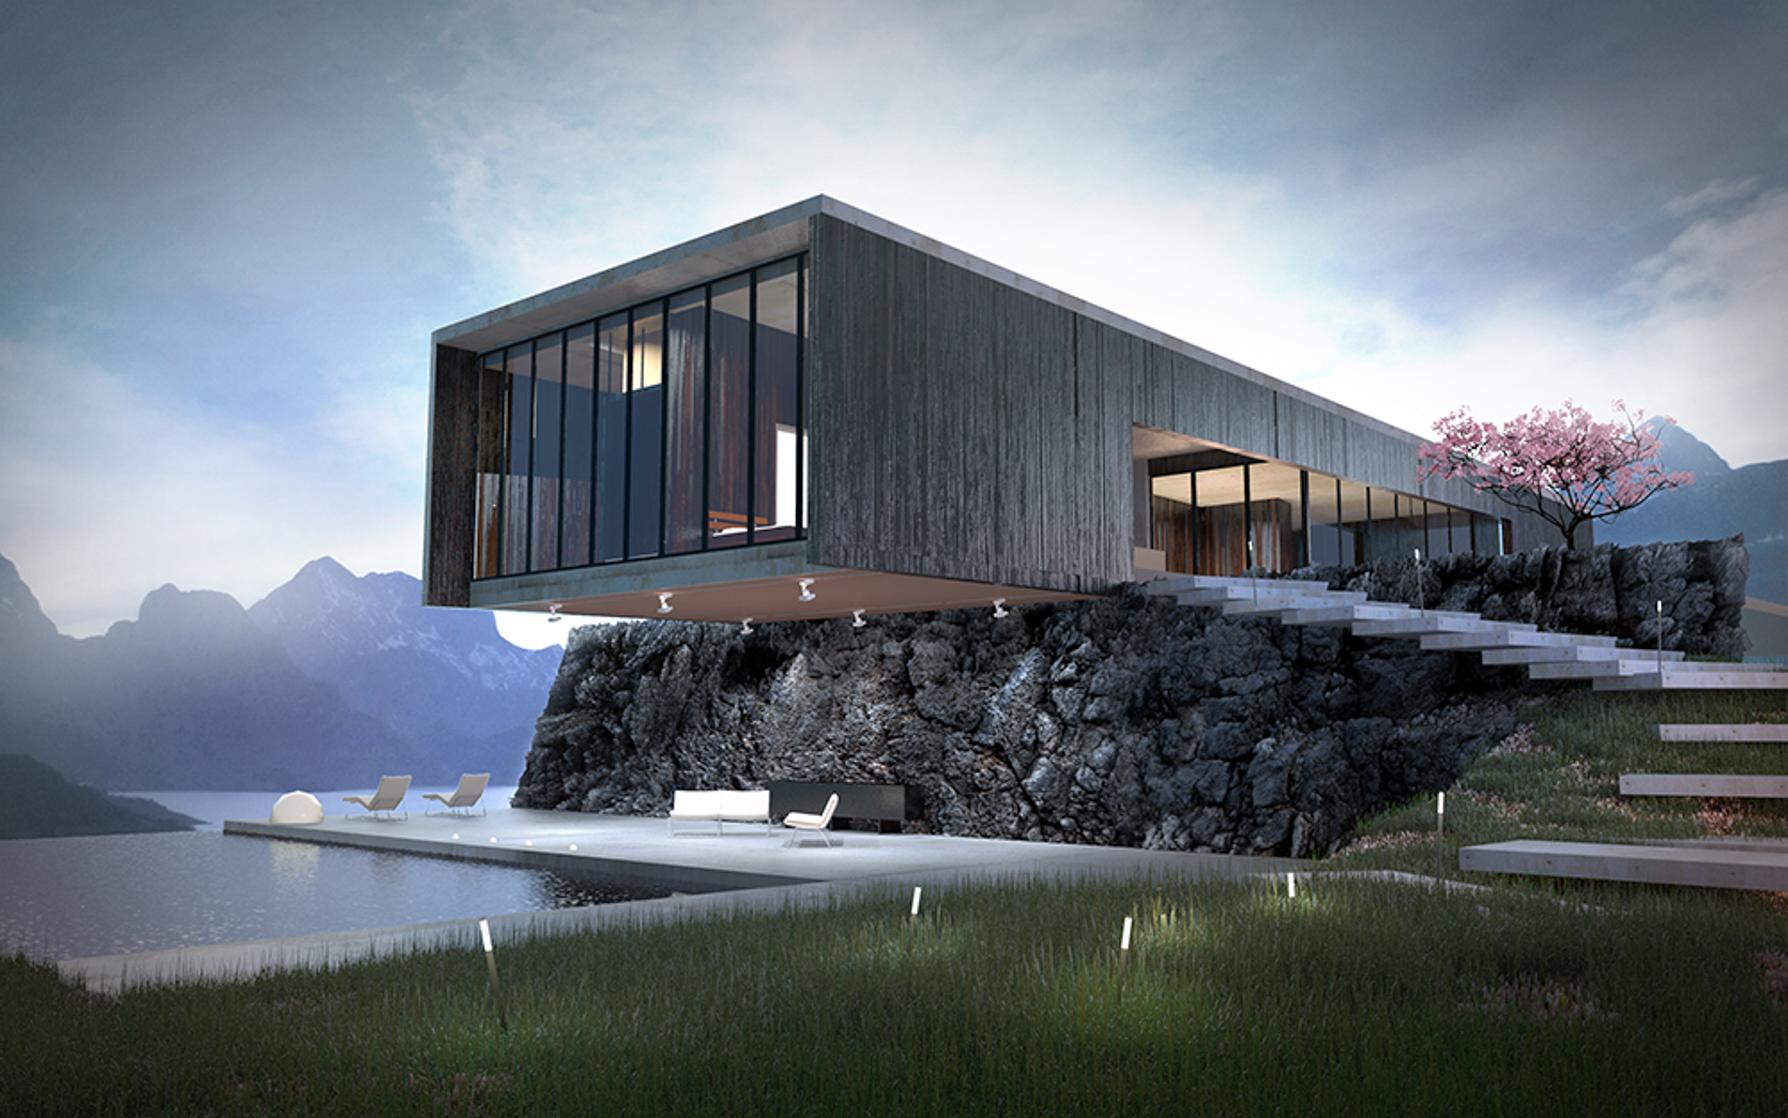 Dripmoon-archvis-graphiste3D-architecture-images-3D-Perspectives-3d (1)